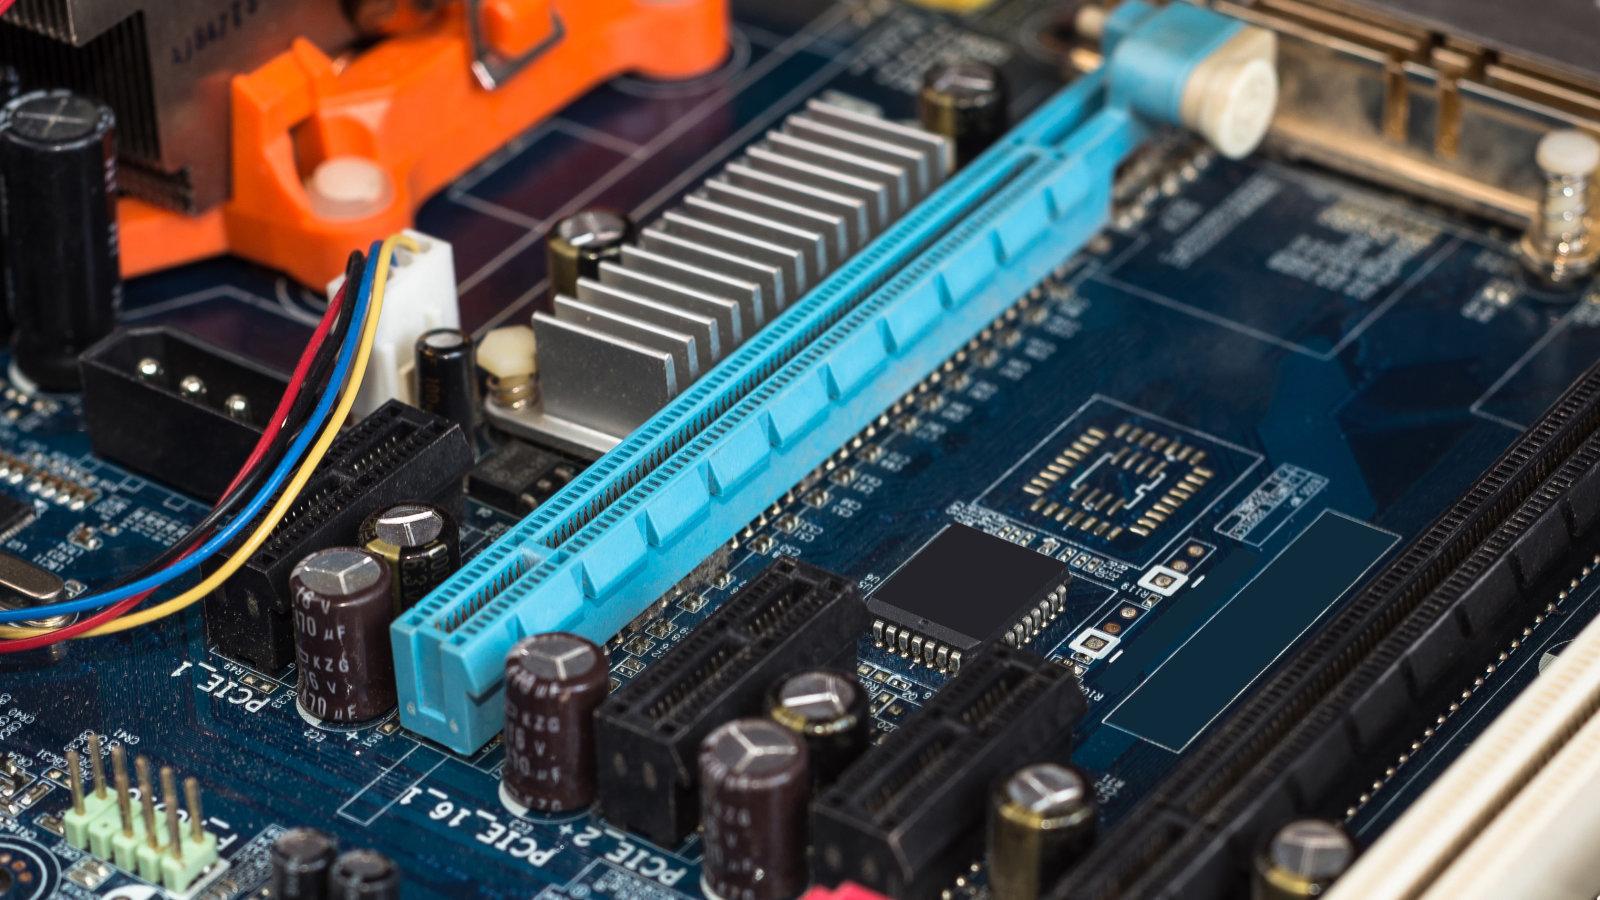 درگاه PCI Express 6.0 با قدرت بالا به کمک هوش مصنوعی میآید